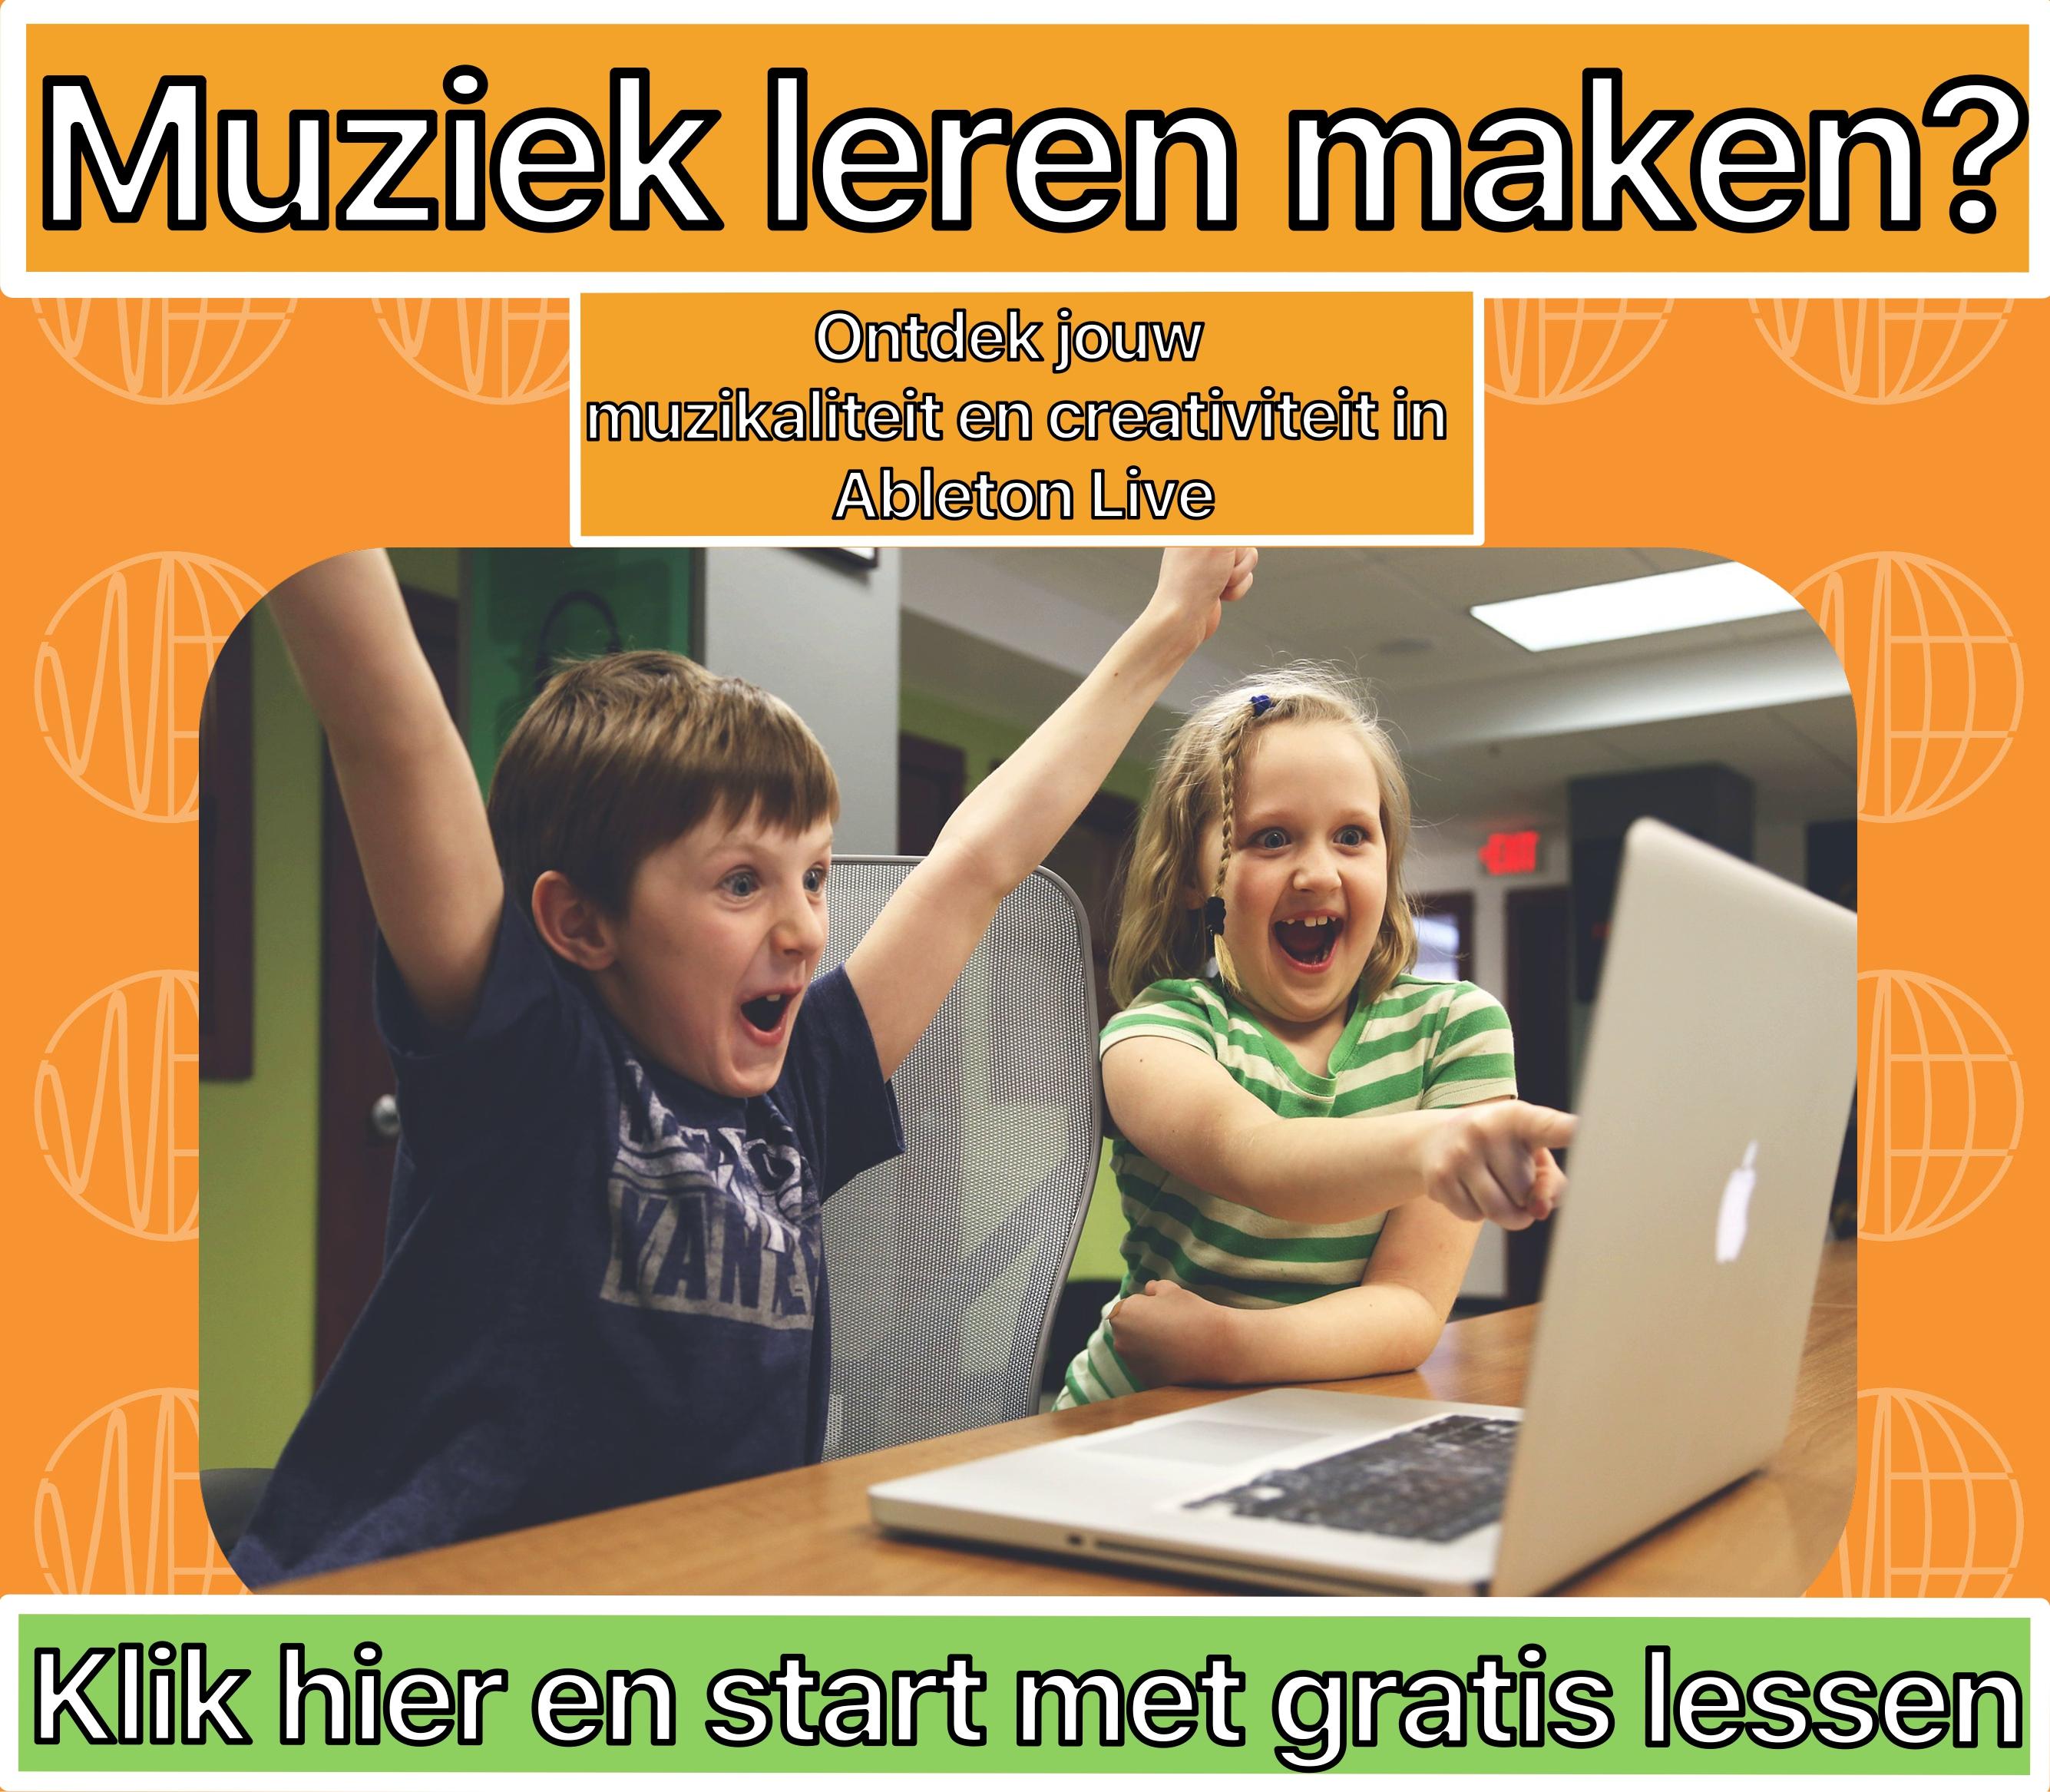 Zelf muziek leren maken